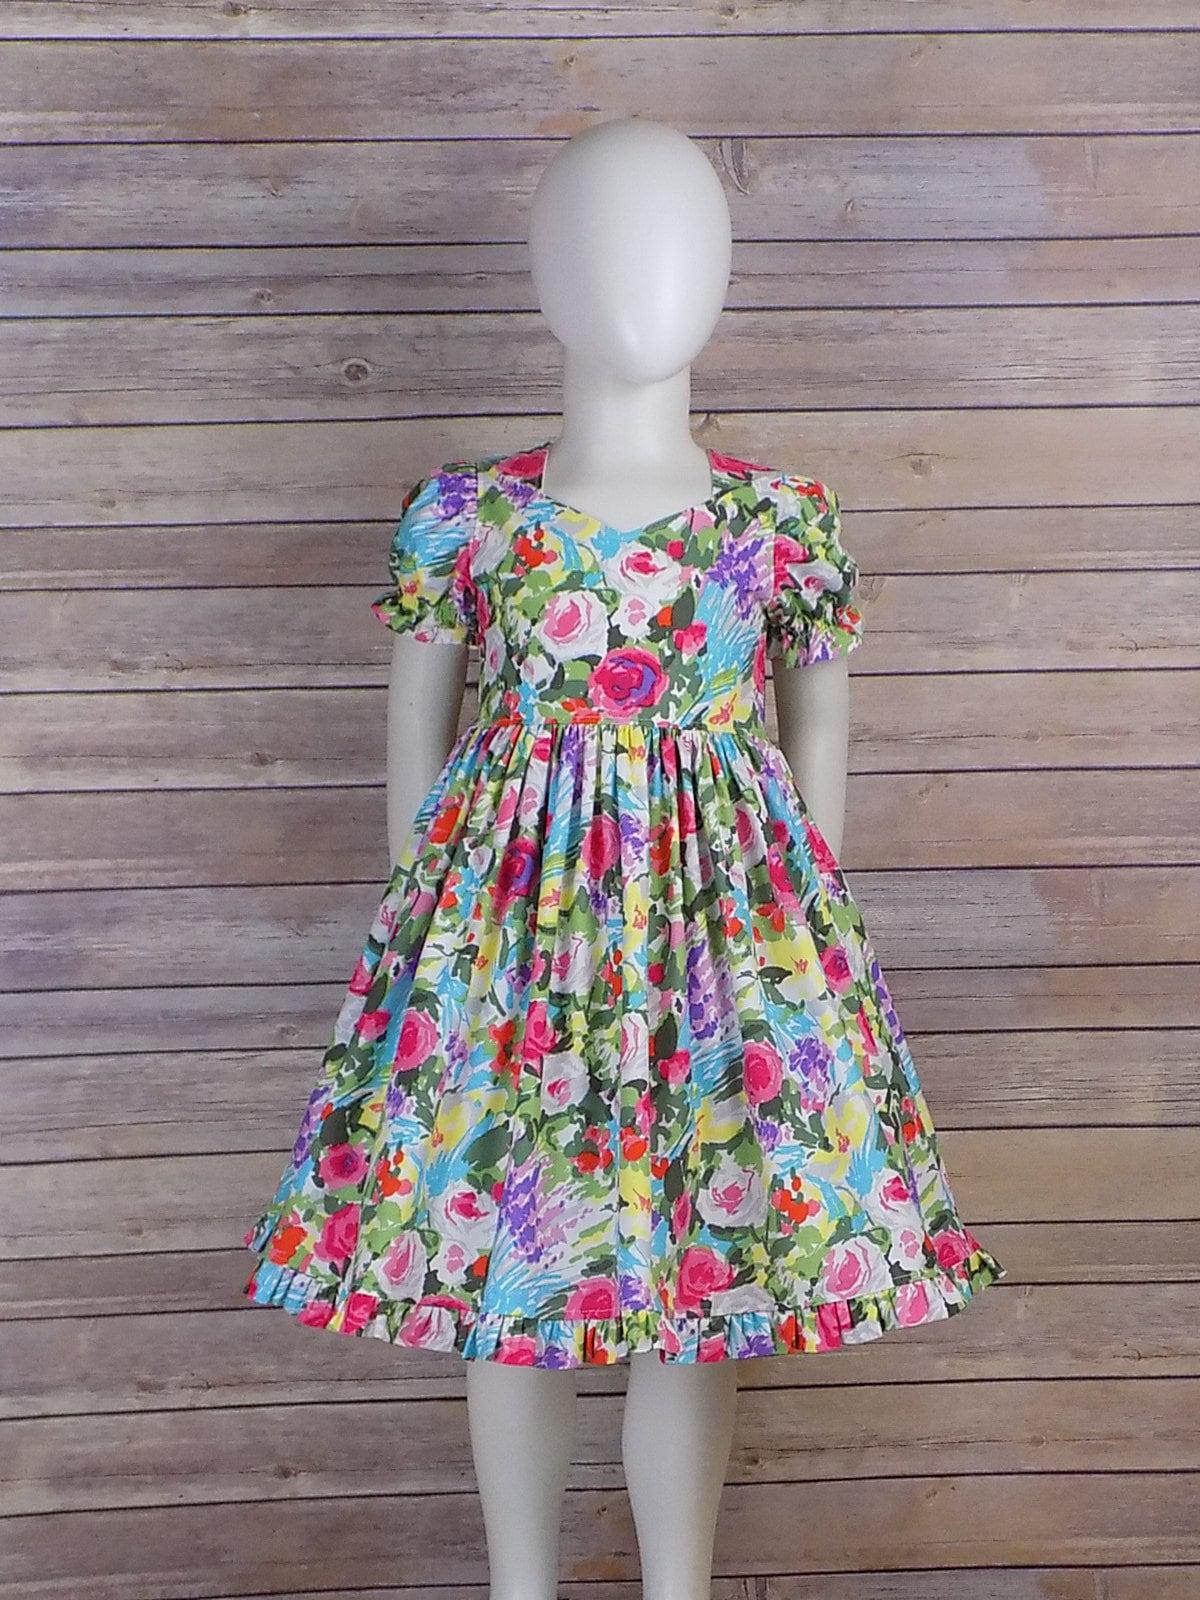 Spring Dress Girls Easter Dress Floral Short Sleeves